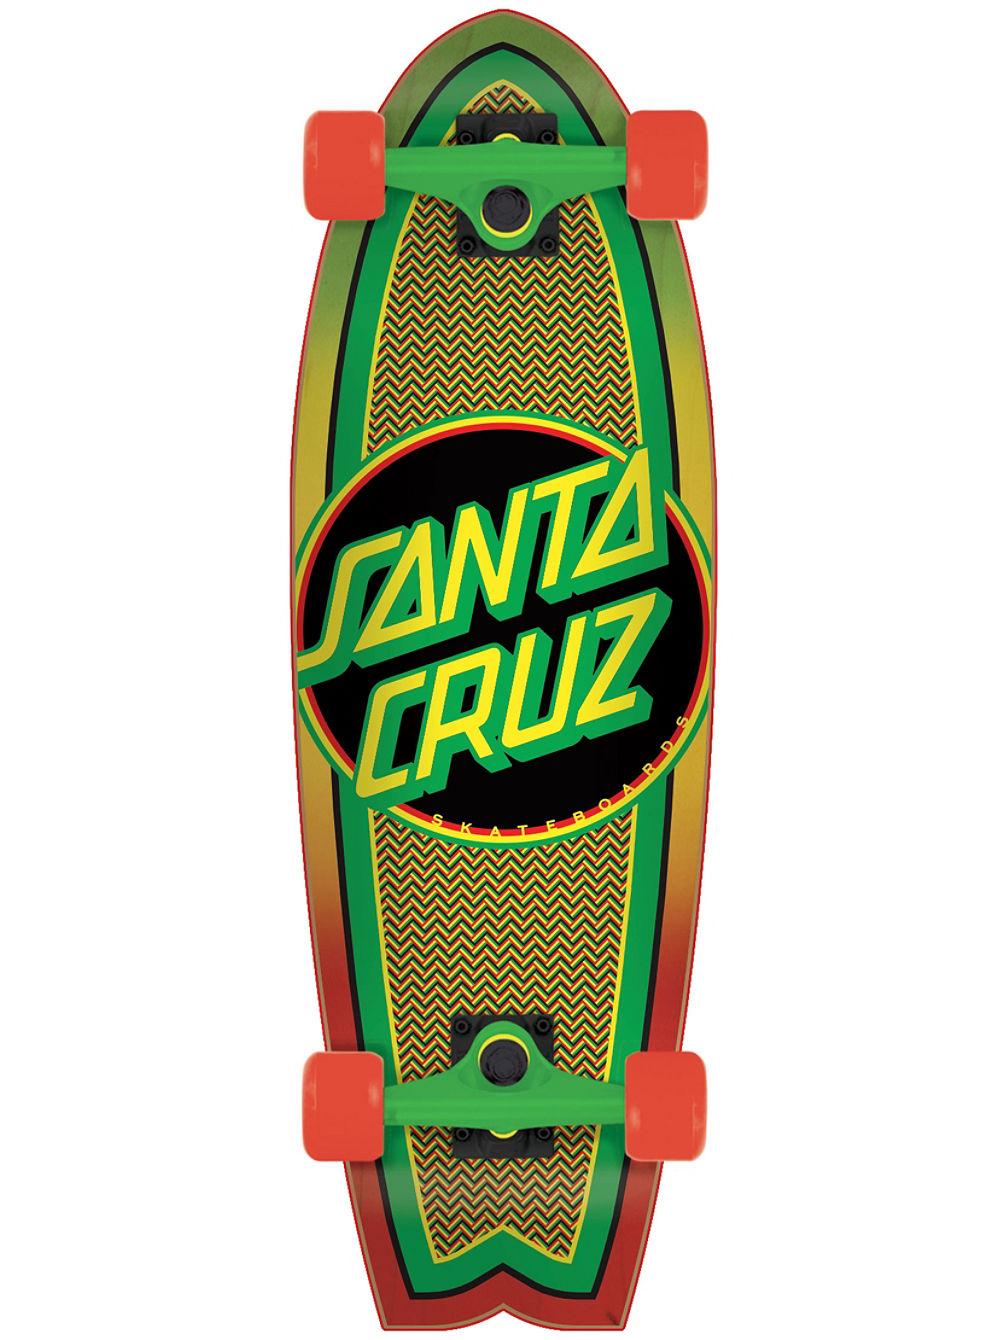 Surf Co Curb Walkshort Shorts Skateboard SANTA CRUZ